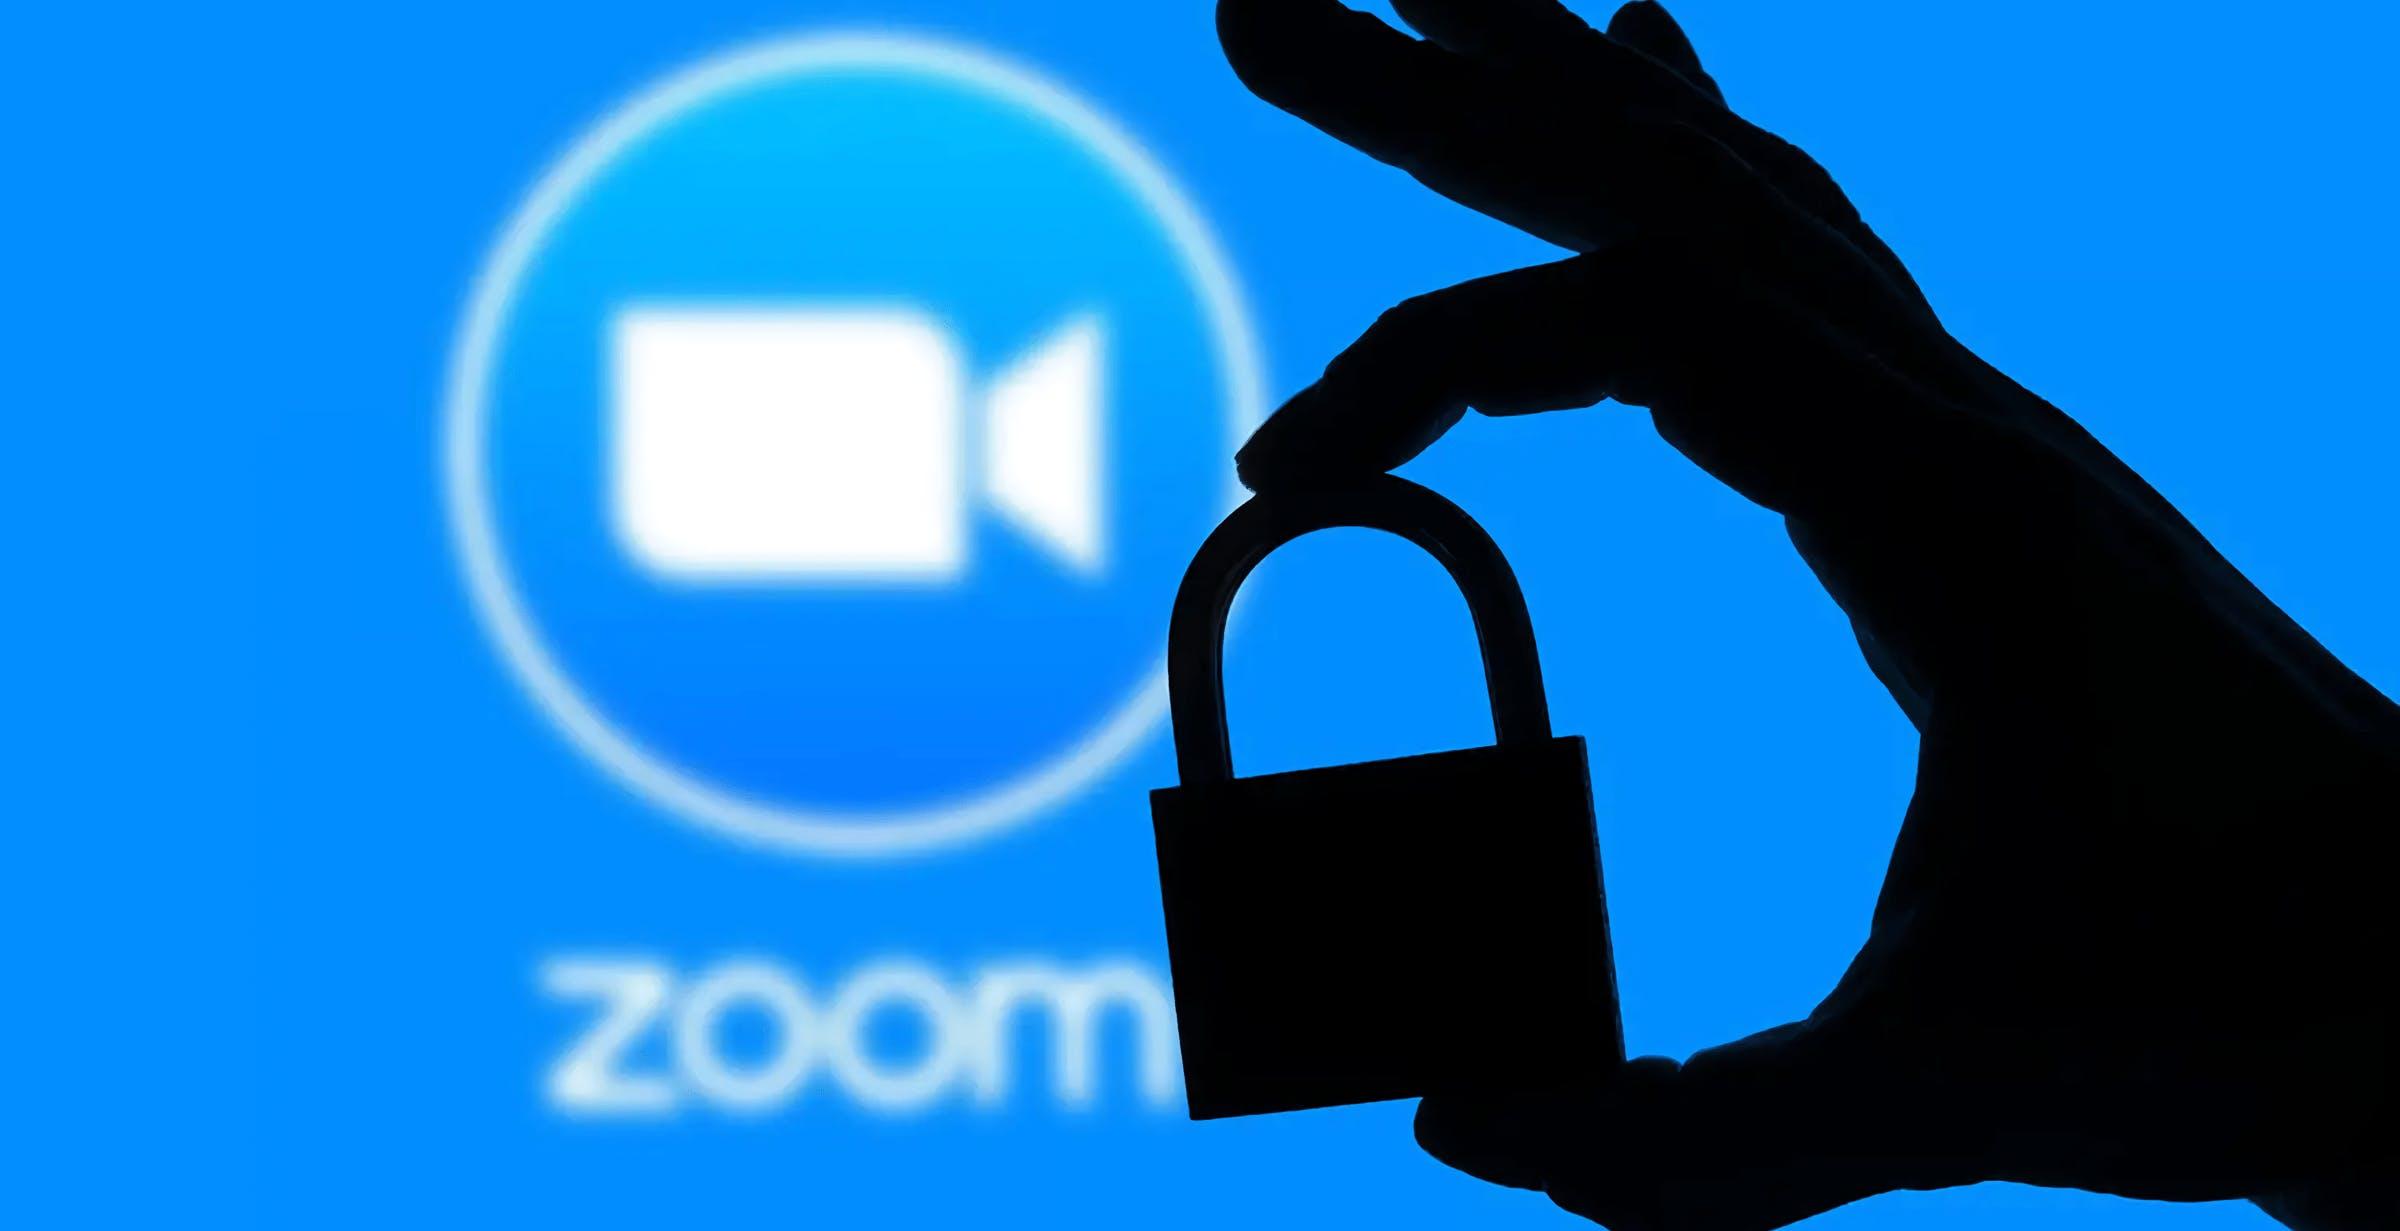 Zoom lancia la crittografia End-To-End: più privacy e sicurezza per tutti, ma con qualche limite